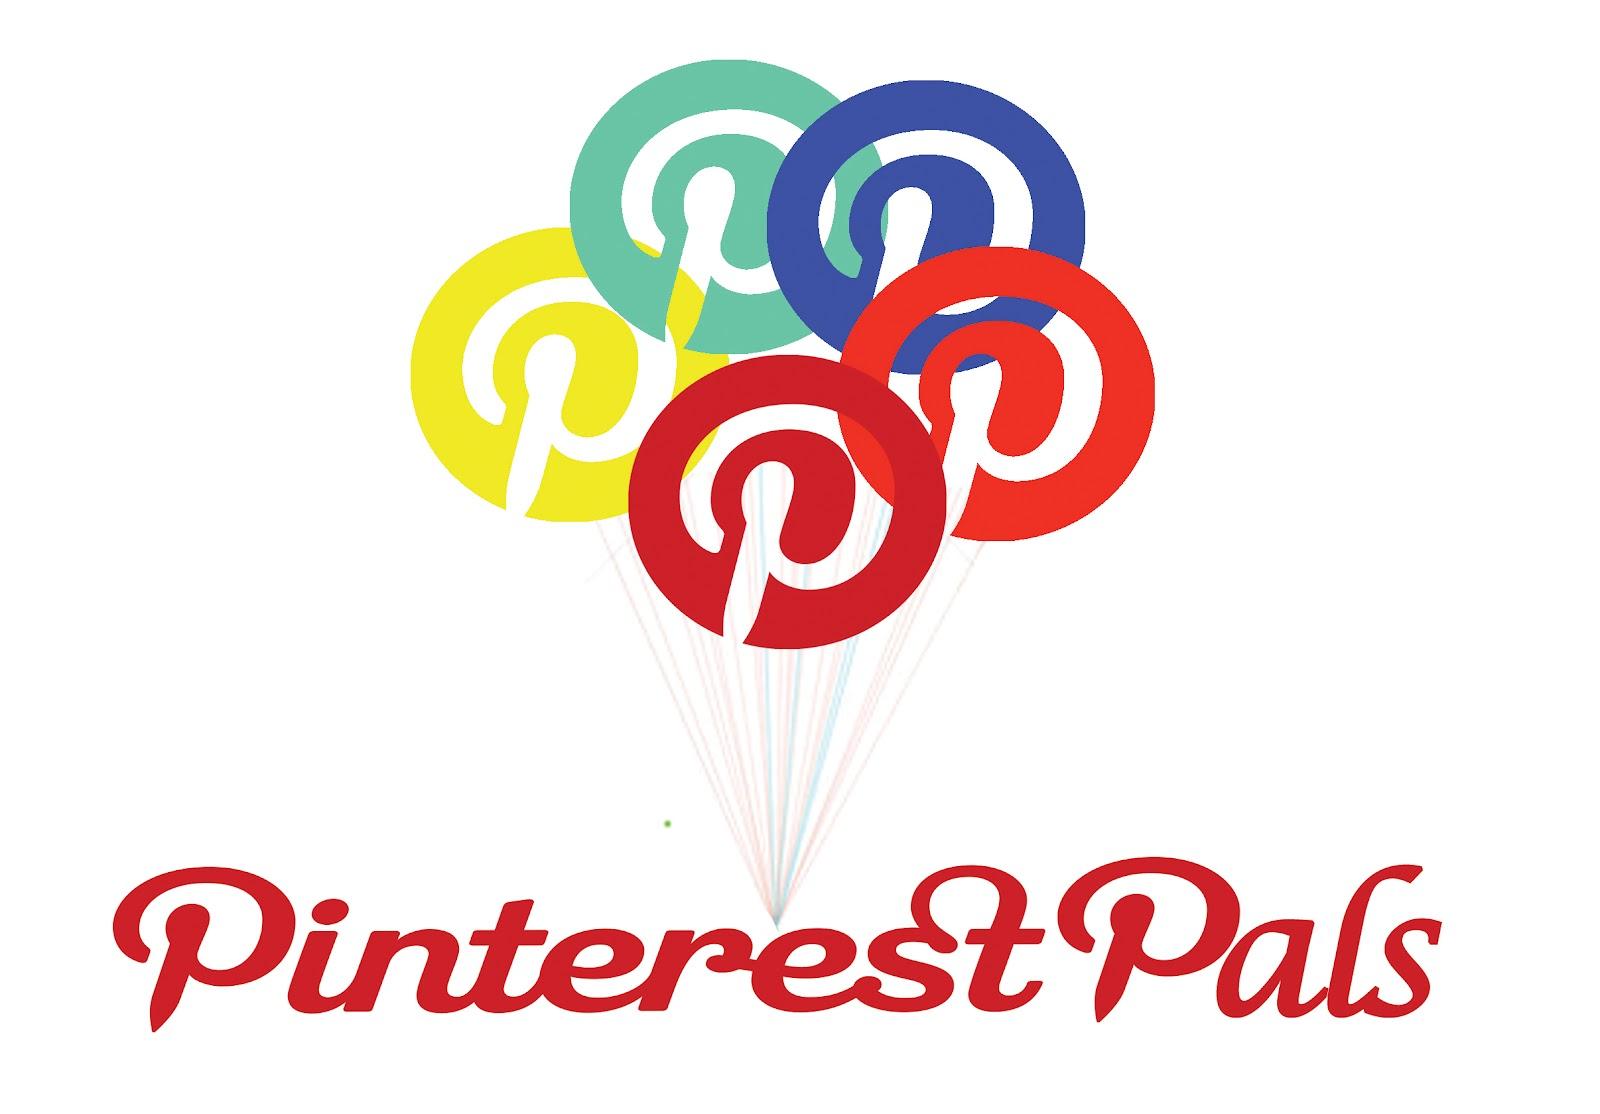 http://2.bp.blogspot.com/-DcHDTe9a2aw/T5lf5P2mNnI/AAAAAAAAAR8/xJZ96g0DURI/s1600/pinterest+palls.jpg